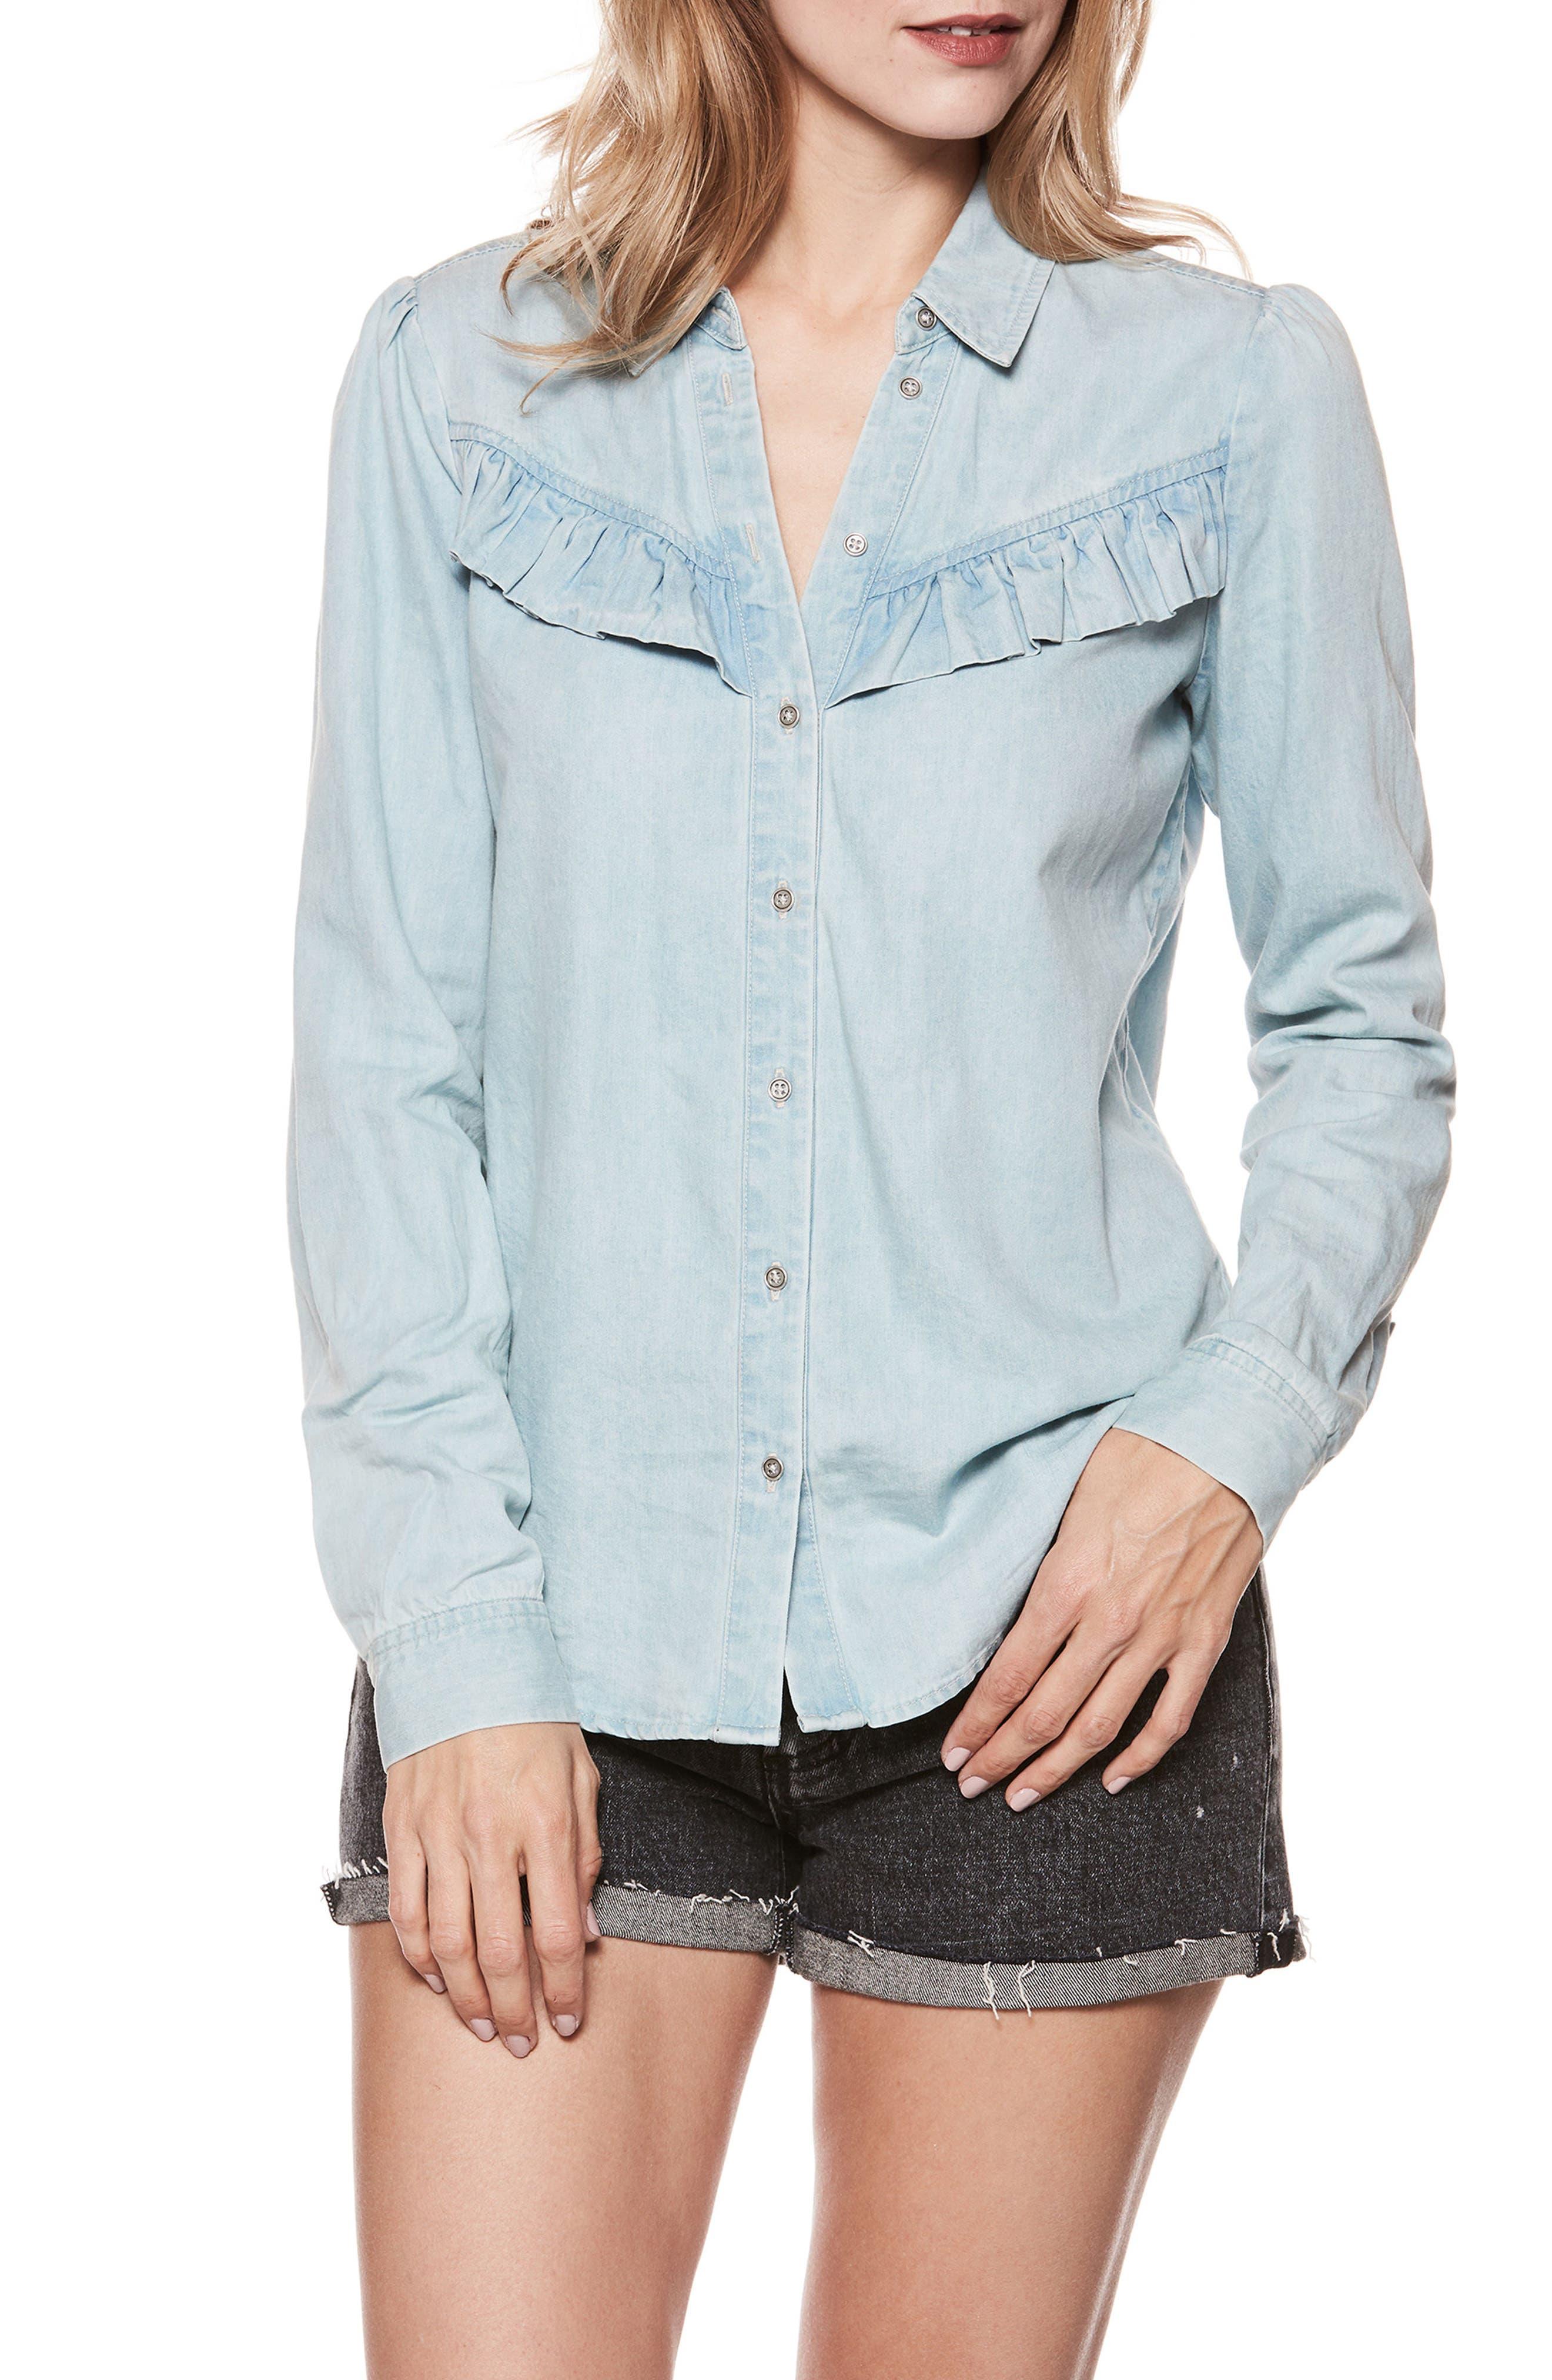 Layda Ruffle Western Chambray Shirt,                             Main thumbnail 1, color,                             400